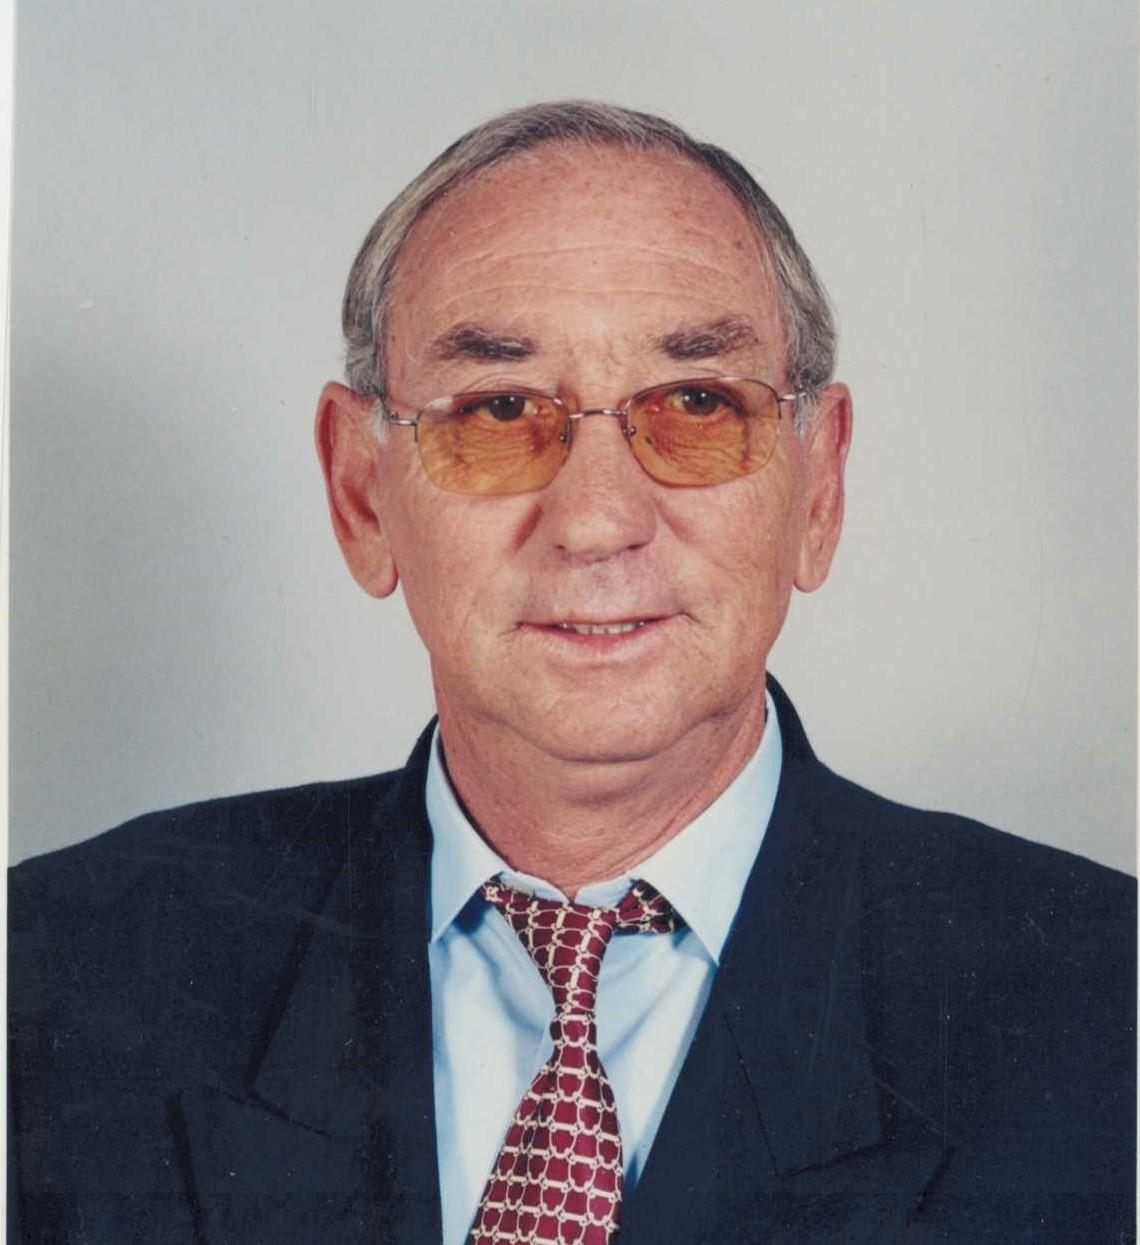 António Eduardo Lucas Candeias